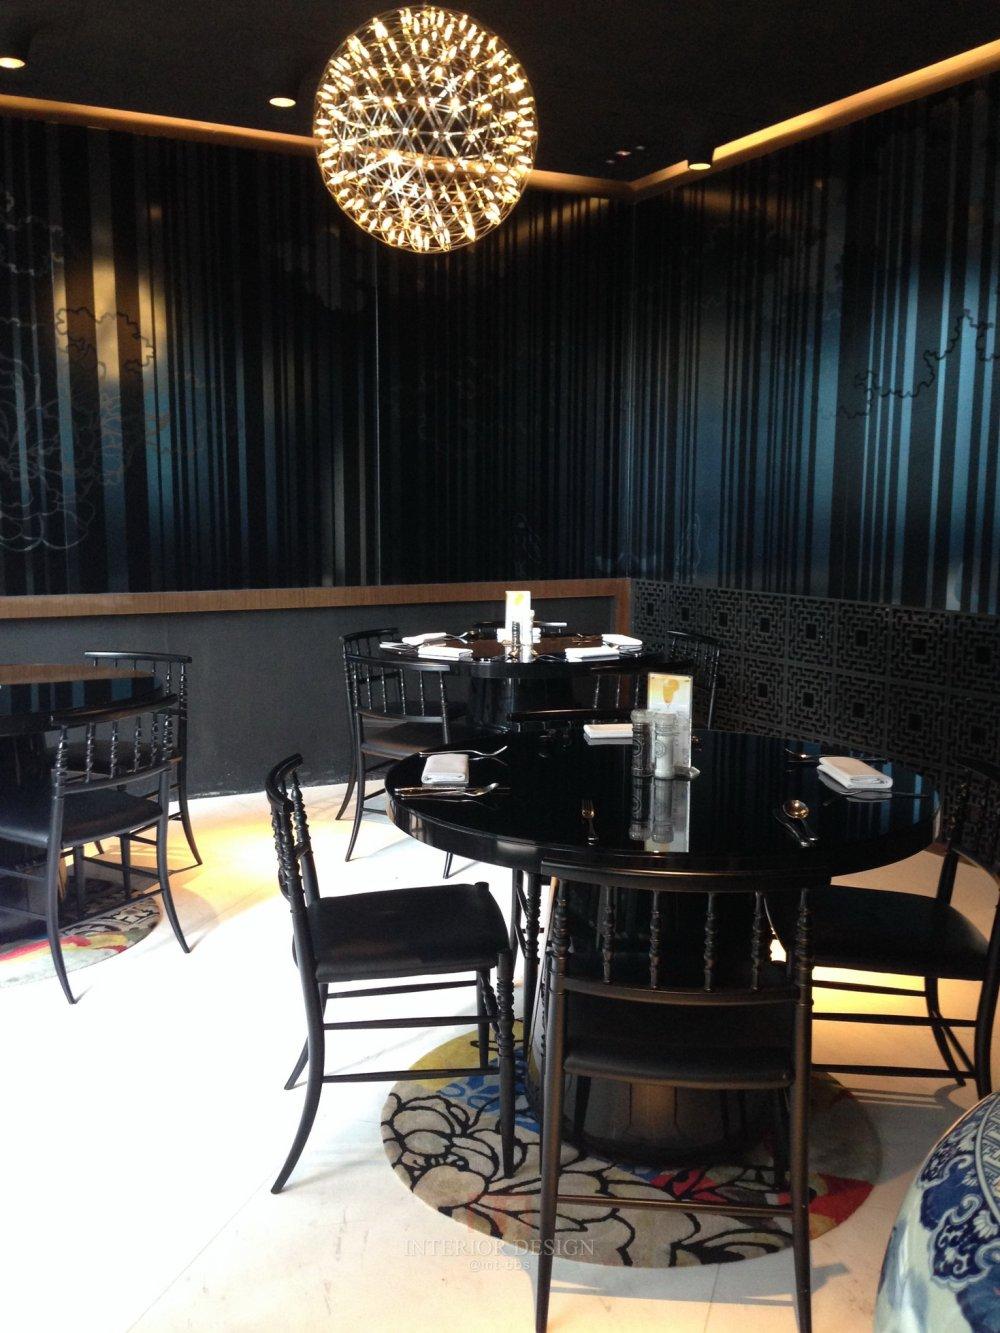 香港湾仔美丽华精品酒店Mira Moon Hotel  自拍分享_IMG_4153.JPG